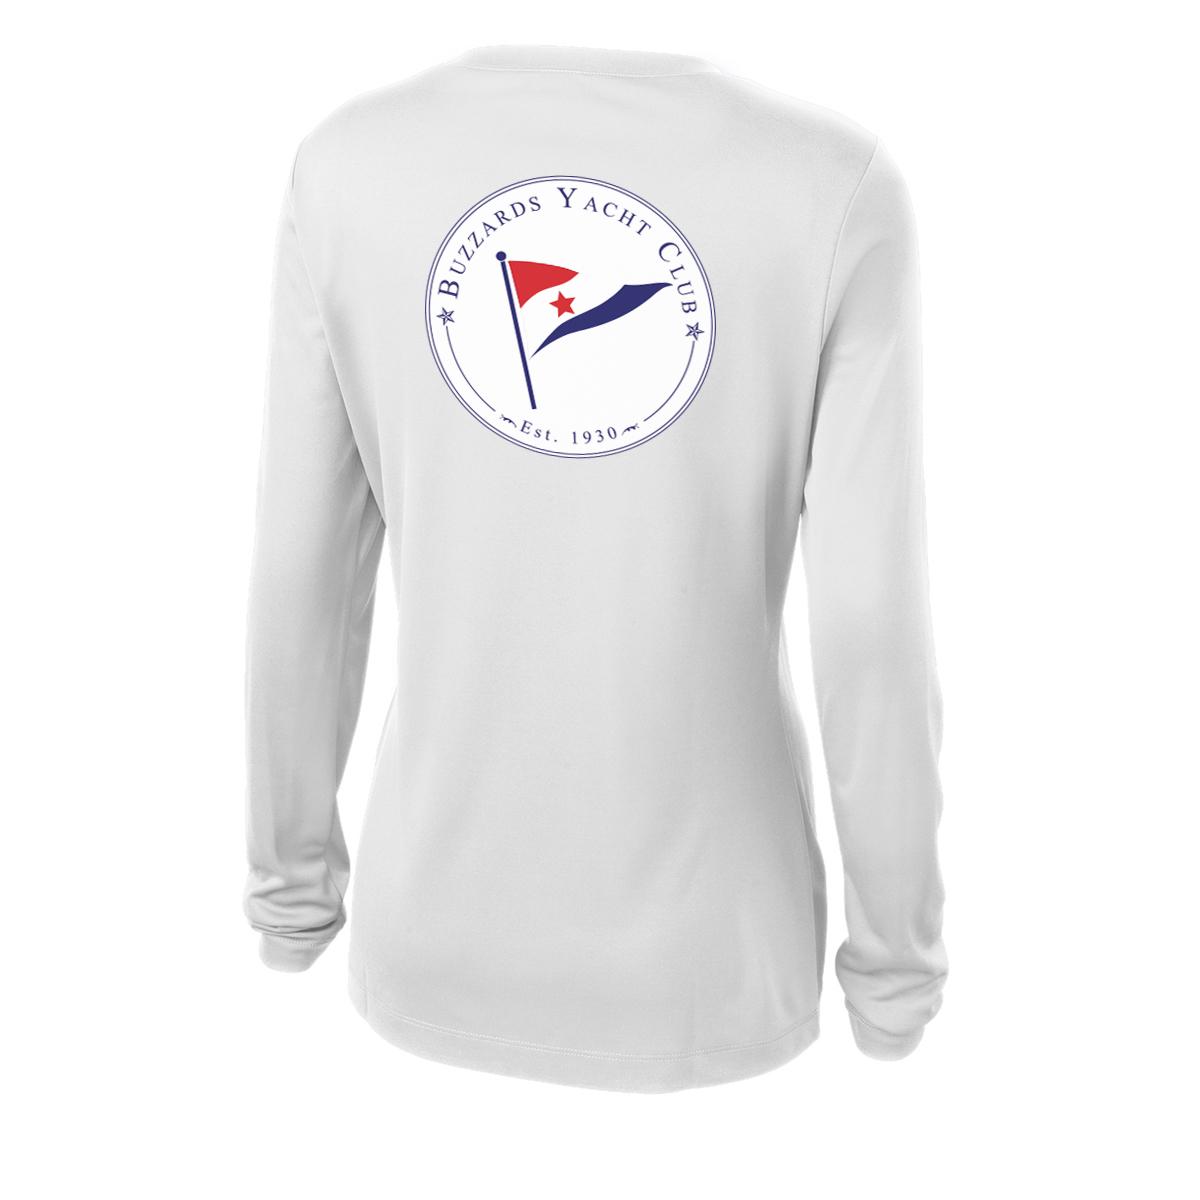 Buzzards Yacht Club - Women's Long Sleeve Tech Tee (BUZ215)